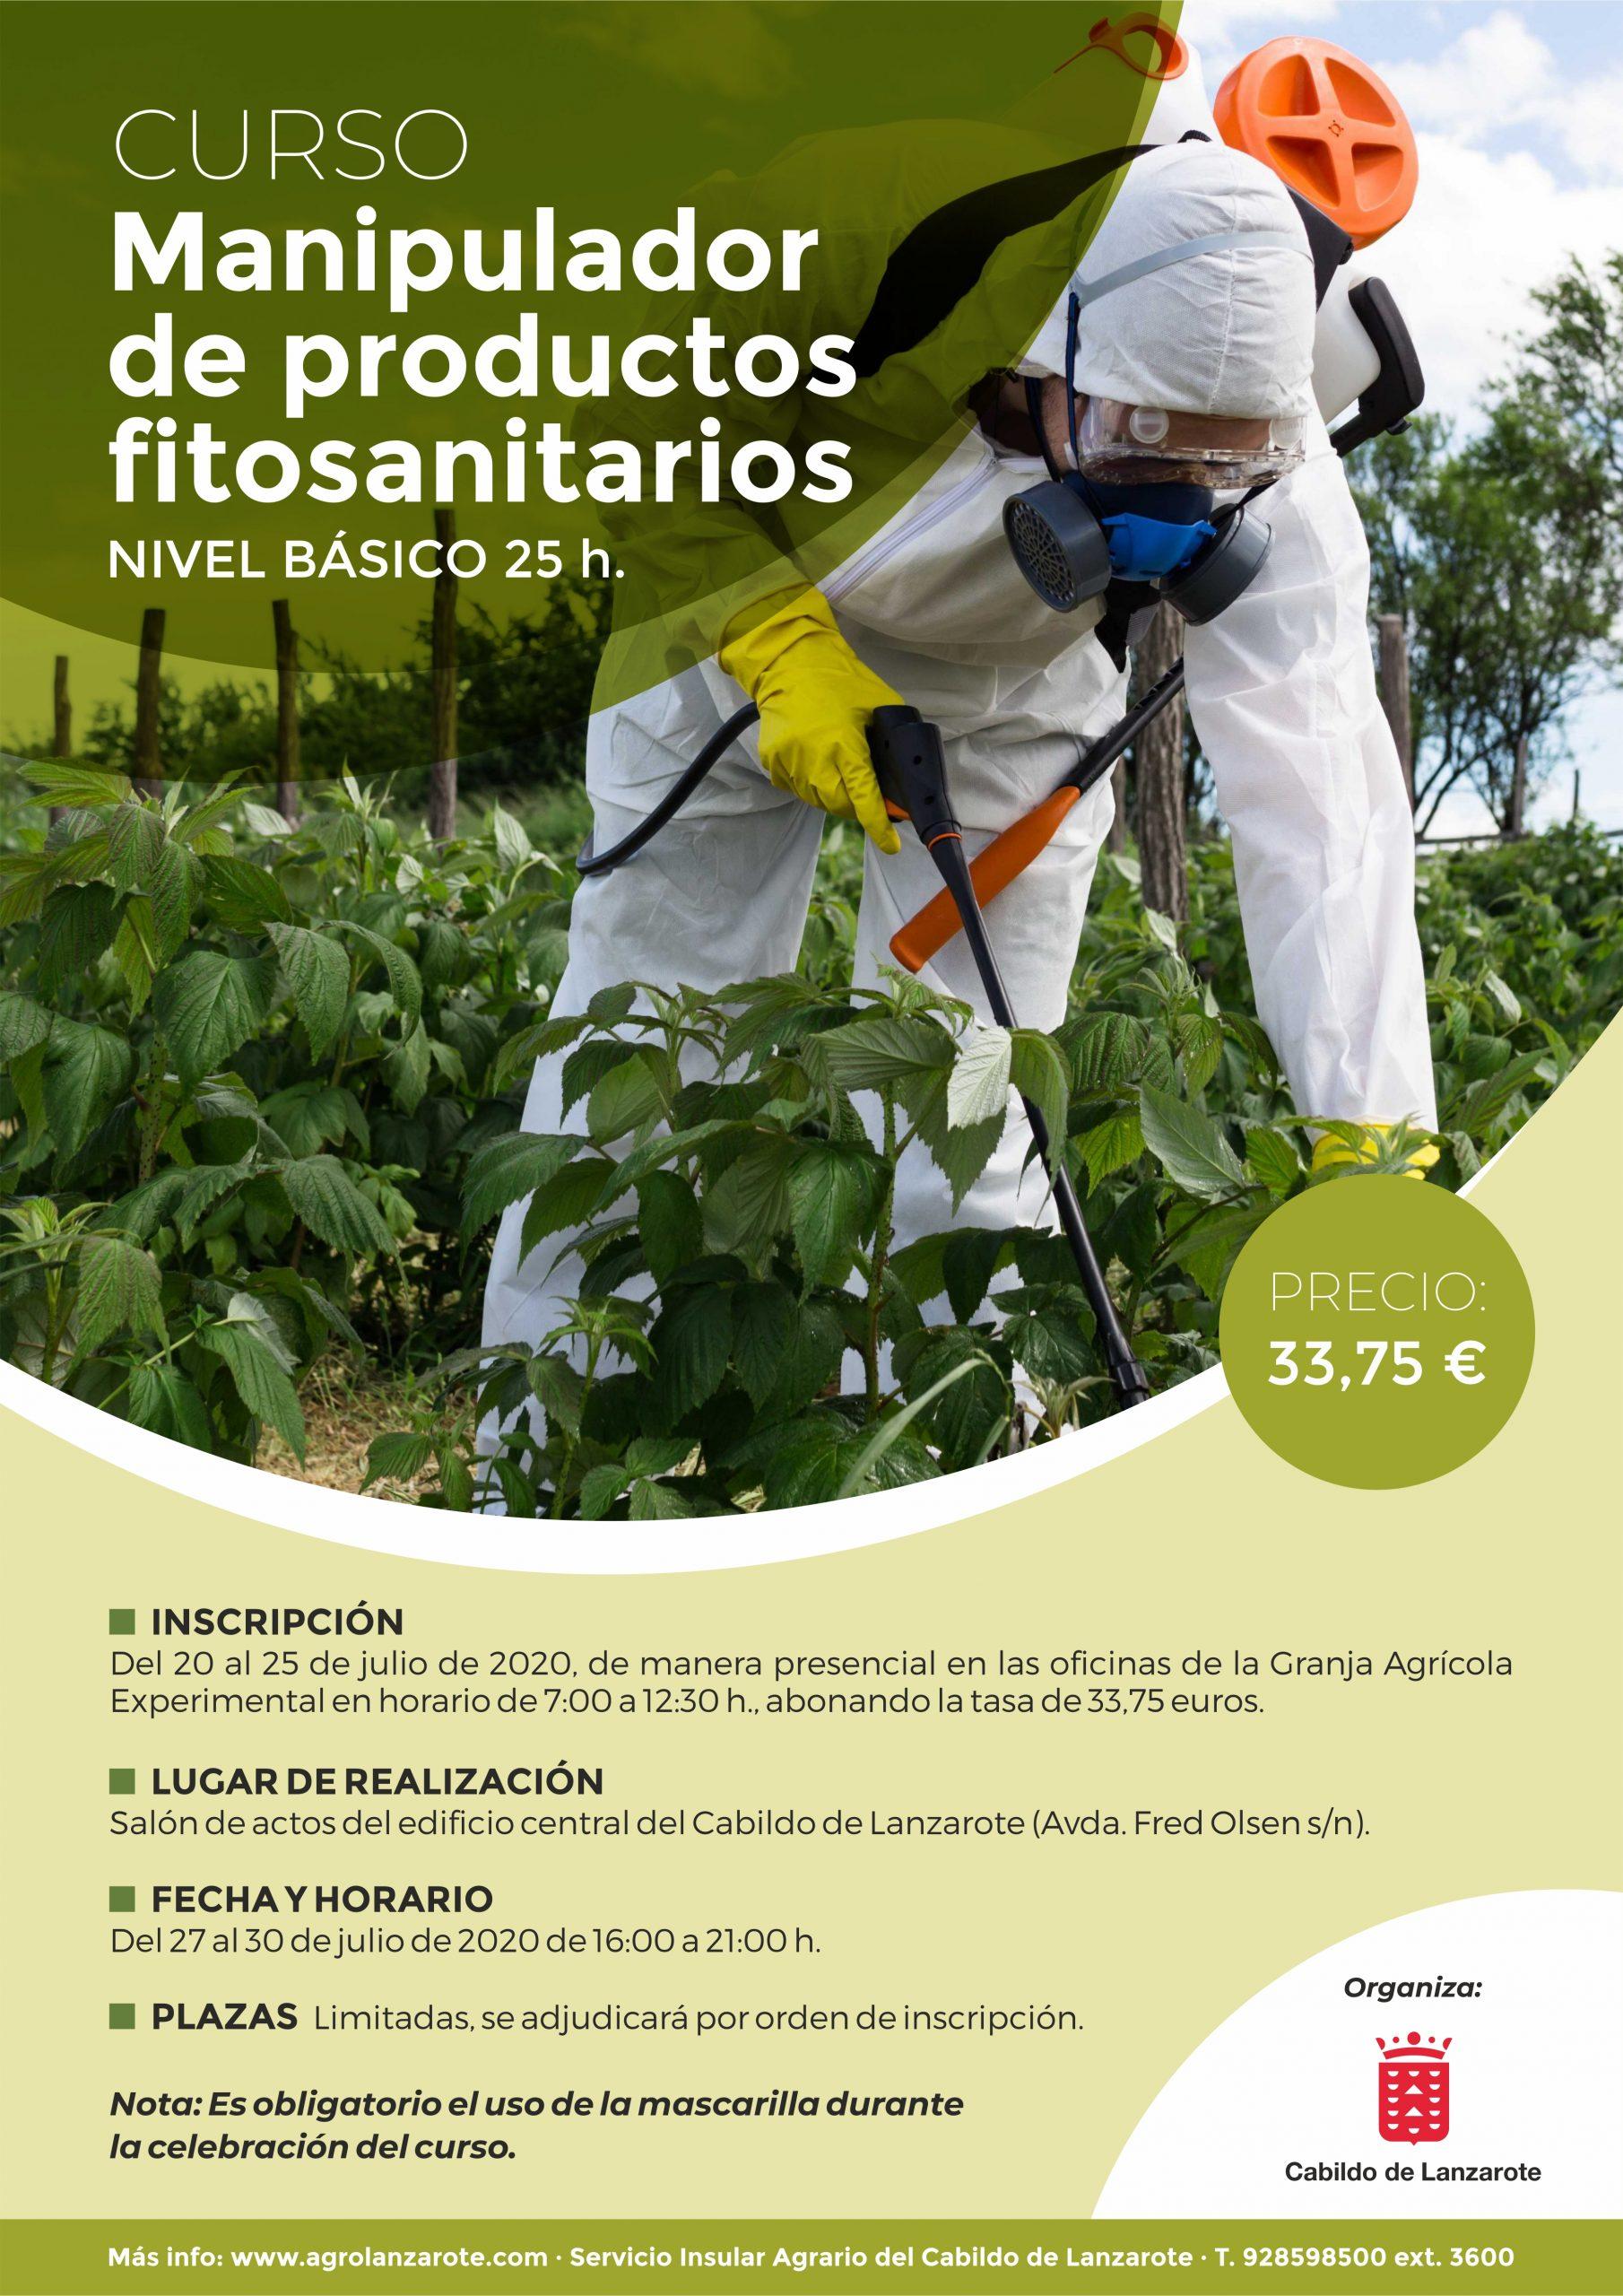 El Cabildo organiza un nuevo curso de manipulador de productos fitosanitarios